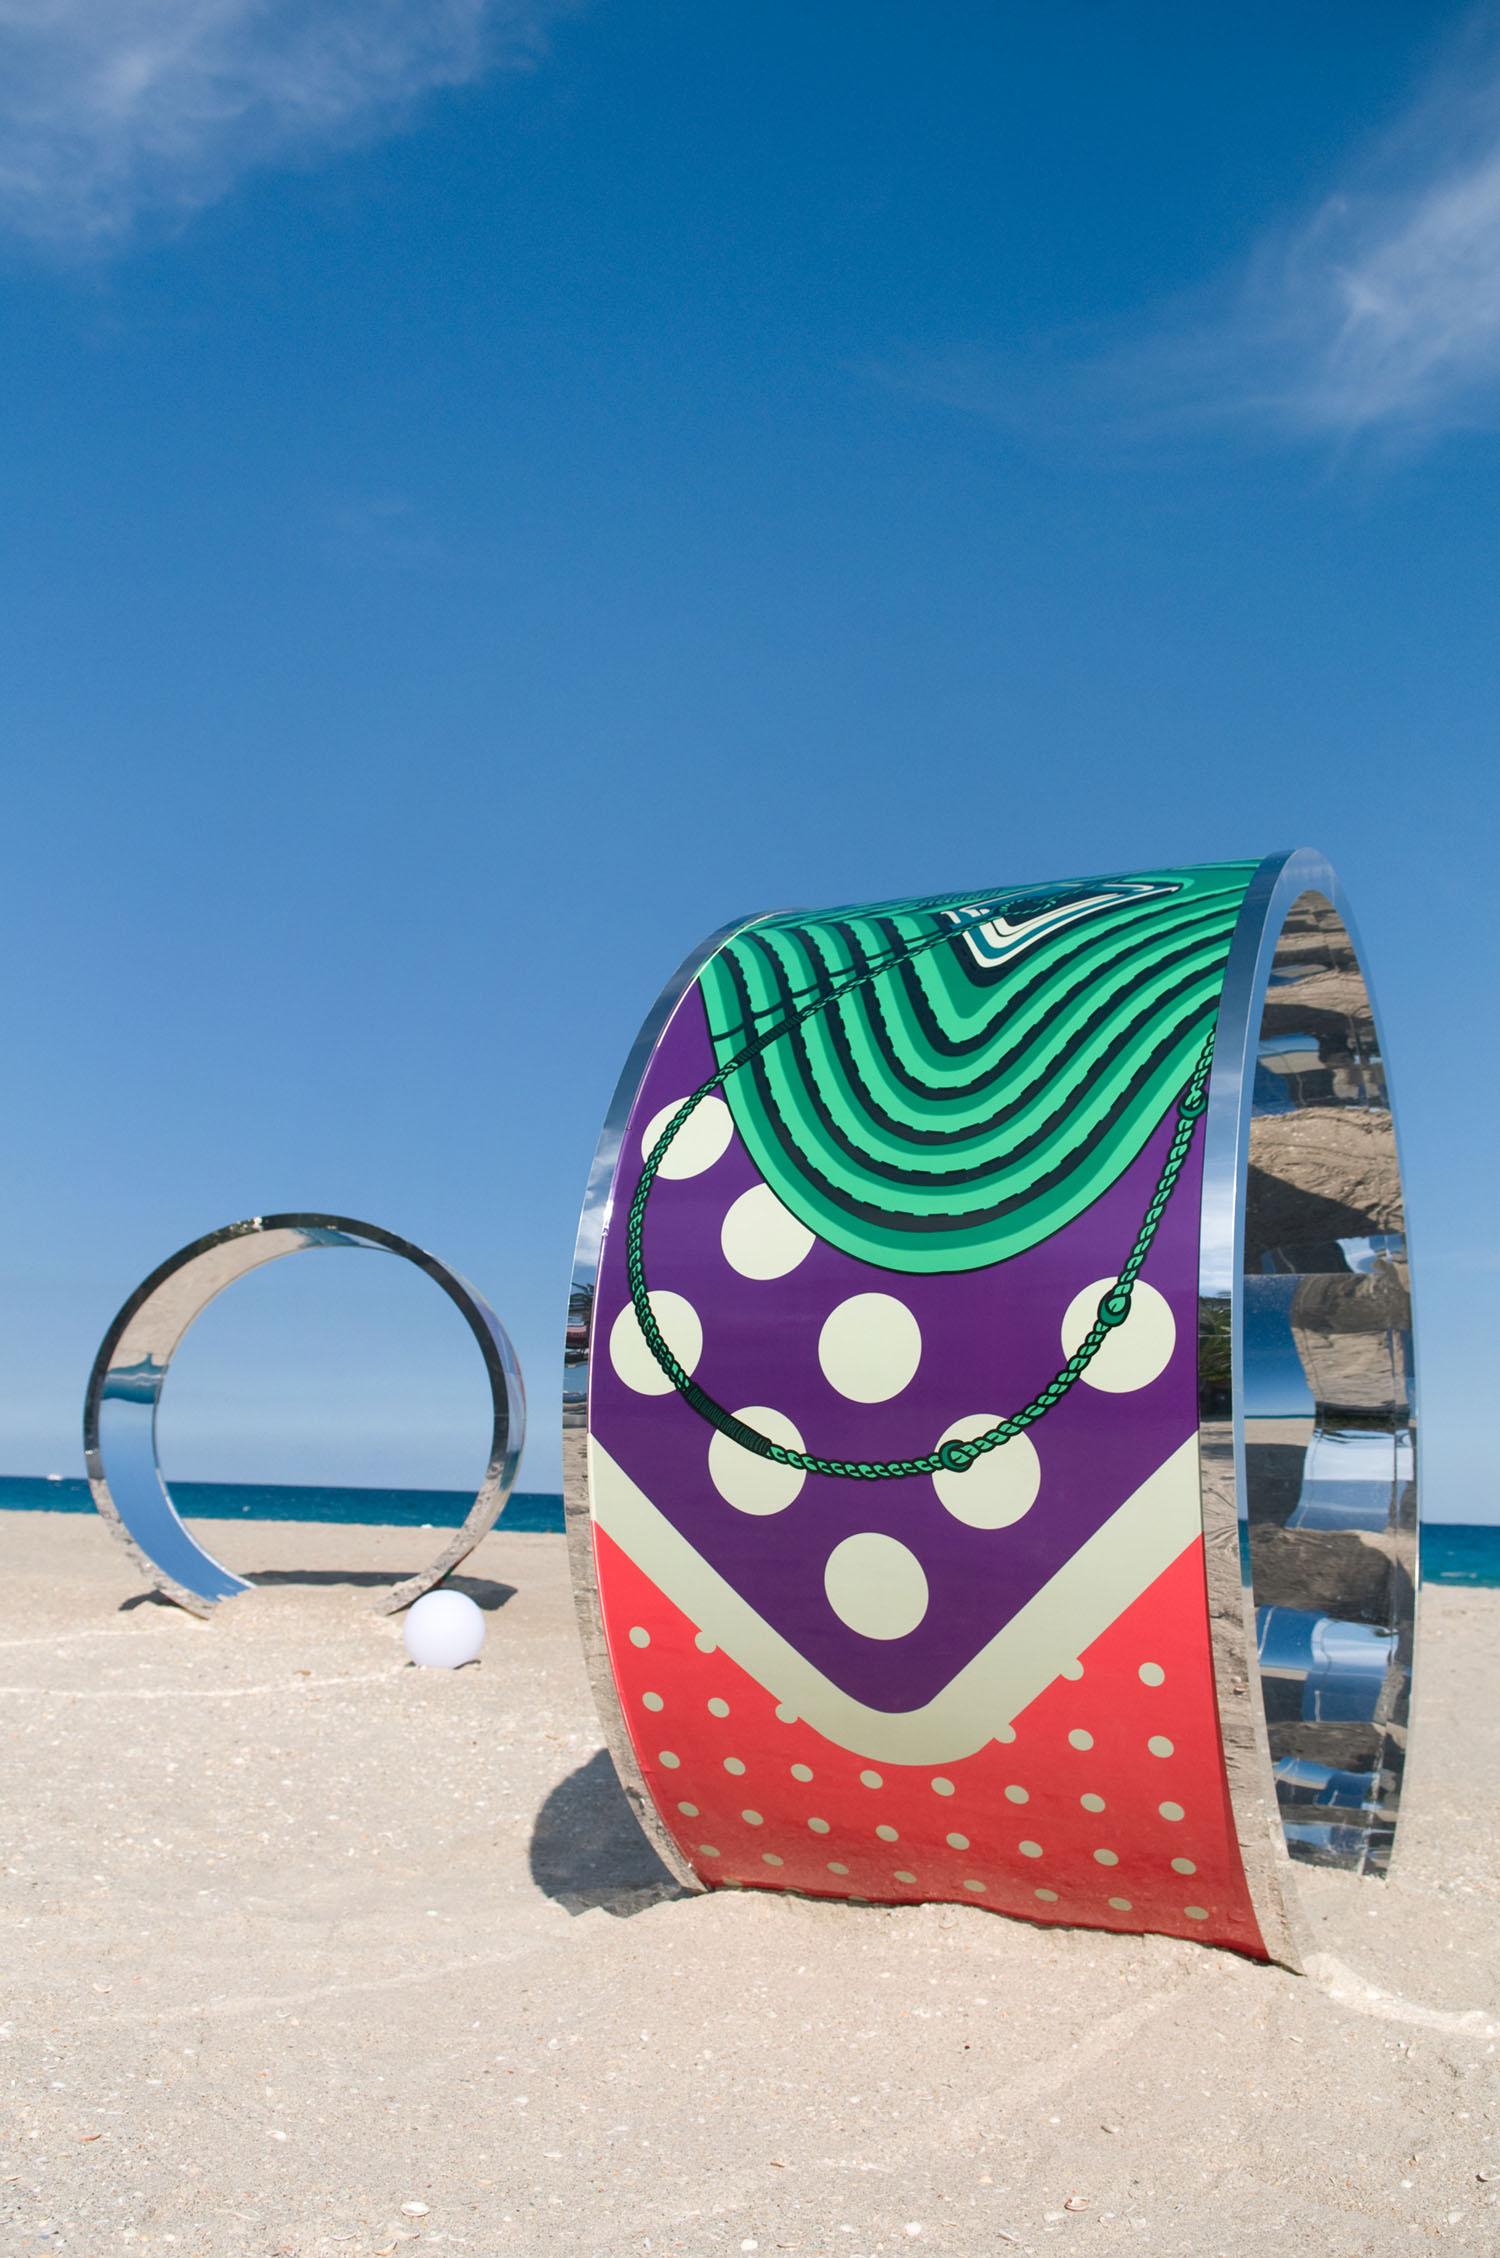 Giant Hermes Bracelt in Sand edit 3.jpg